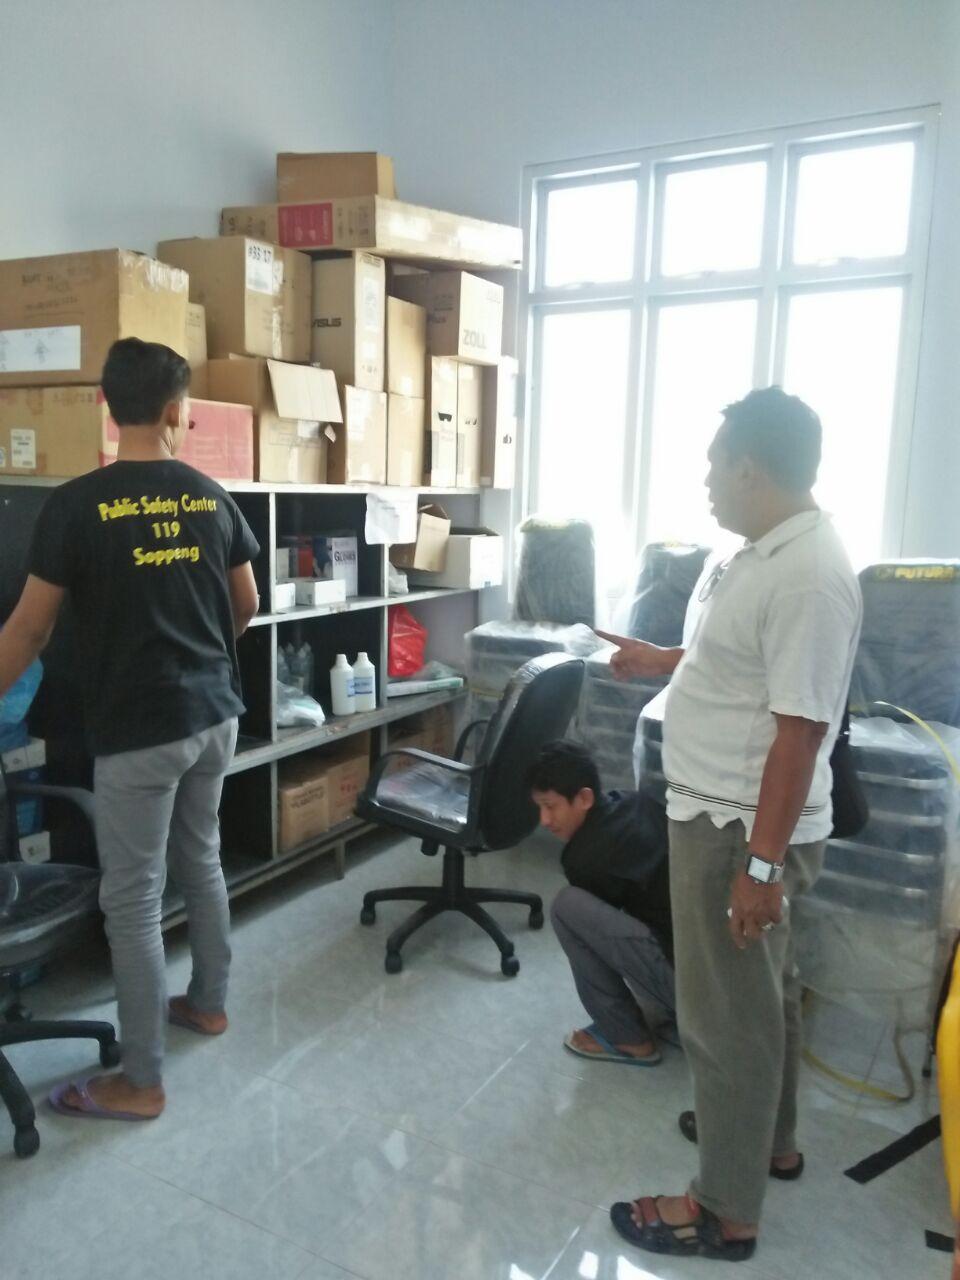 Siap Pindah Ke Kantor Baru, Personil PSC 119 Bersih Bersih